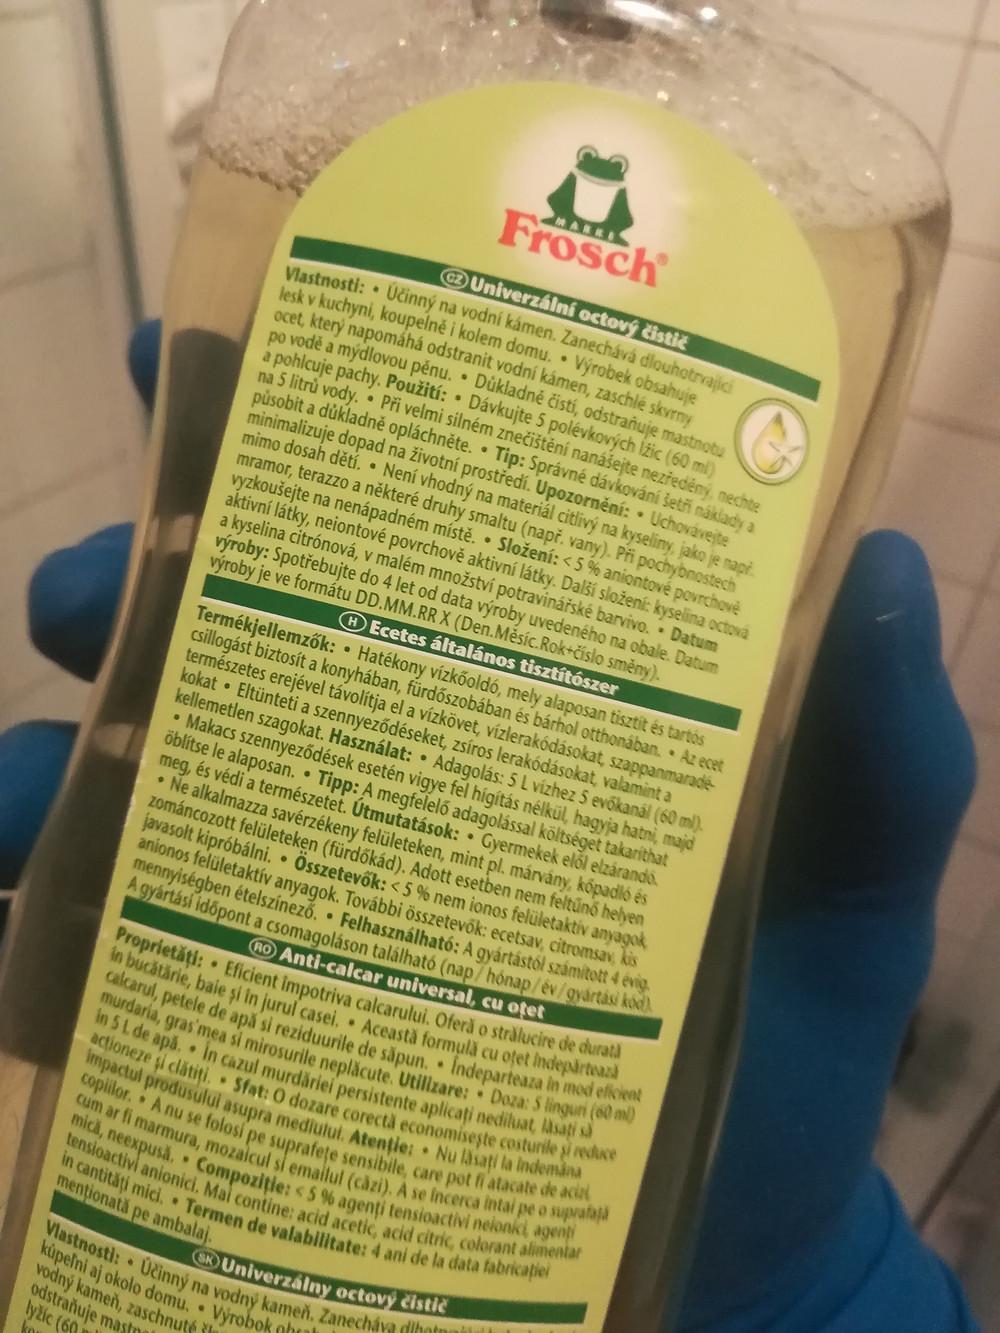 """A flakon hátulján találjuk a termék (Ecetes általános tisztítószer) jellemzőit, használati útmutatóját, összetevőinek listáját. A leírásban az áll, hogy: """"Hatékony vízkőoldó, mely alaposan tisztít és tartós csillogást biztosít a konyhában, fürdőszobában és bárhol otthonában. Az ecet természetes erejével távolítja el a vízkövet, vízlerakódásokat, szappanmaradékokat. Eltünteti a szennyeződéseket, zsíros lerakódásokat, valamint a kellemetlen szagokat. Használat: Adagolás: 5 liter vízhez 5 evőkanál (60 ml). makacs szennyeződések esetén vigye fel hígítás nélkül, hagyja hatni, majd öblítse le alaposan. Tipp: A megfelelő adagolással költséget takaríthat meg, és védi a környezetet. Útmutatások: Gyermekek elől elzárandó! Ne alkalmazza savérzékeny felületen, mint pl. márvány, kőpadló és zománcozott felületeken (fürdőkád). Adott esetben nem feltűnő helyen javasolt kipróbálni! Összetevők: < 5% nem ionos felületaktív anyagok, anionos felületaktív anyagok anyagok. További összetevők: ecetsav, citromsav, kis mennyiségben ételszínező. Felhasználható: A gyártástól számított 4 évig. A gyártási időpont a csomagoláson található (nap / hónap / év / gyártási kód)."""""""